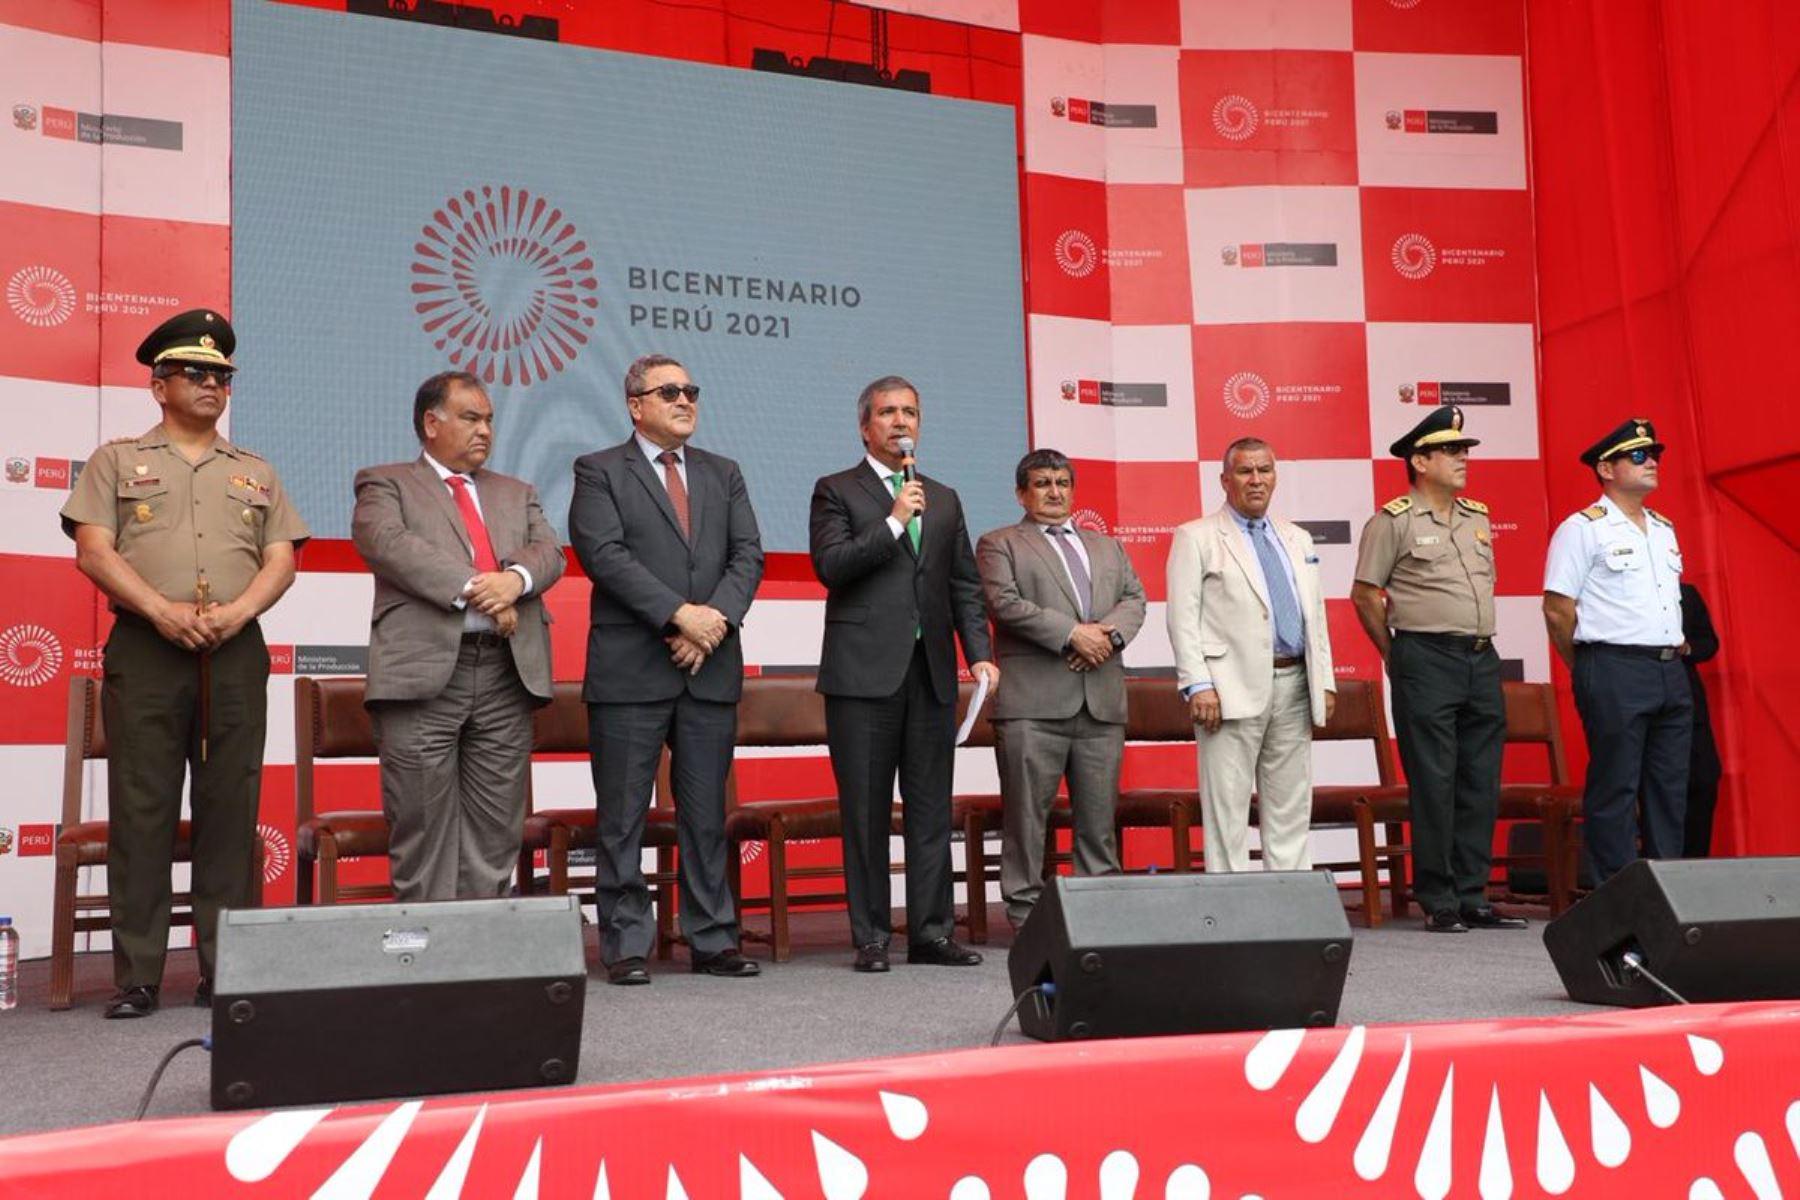 Ministro de la Producción, Raúl Pérez-Reyes, encabezó ceremonia de lanzamiento de la Agenda Bicentenario en Chiclayo, Lambayeque. ANDINA/Difusión